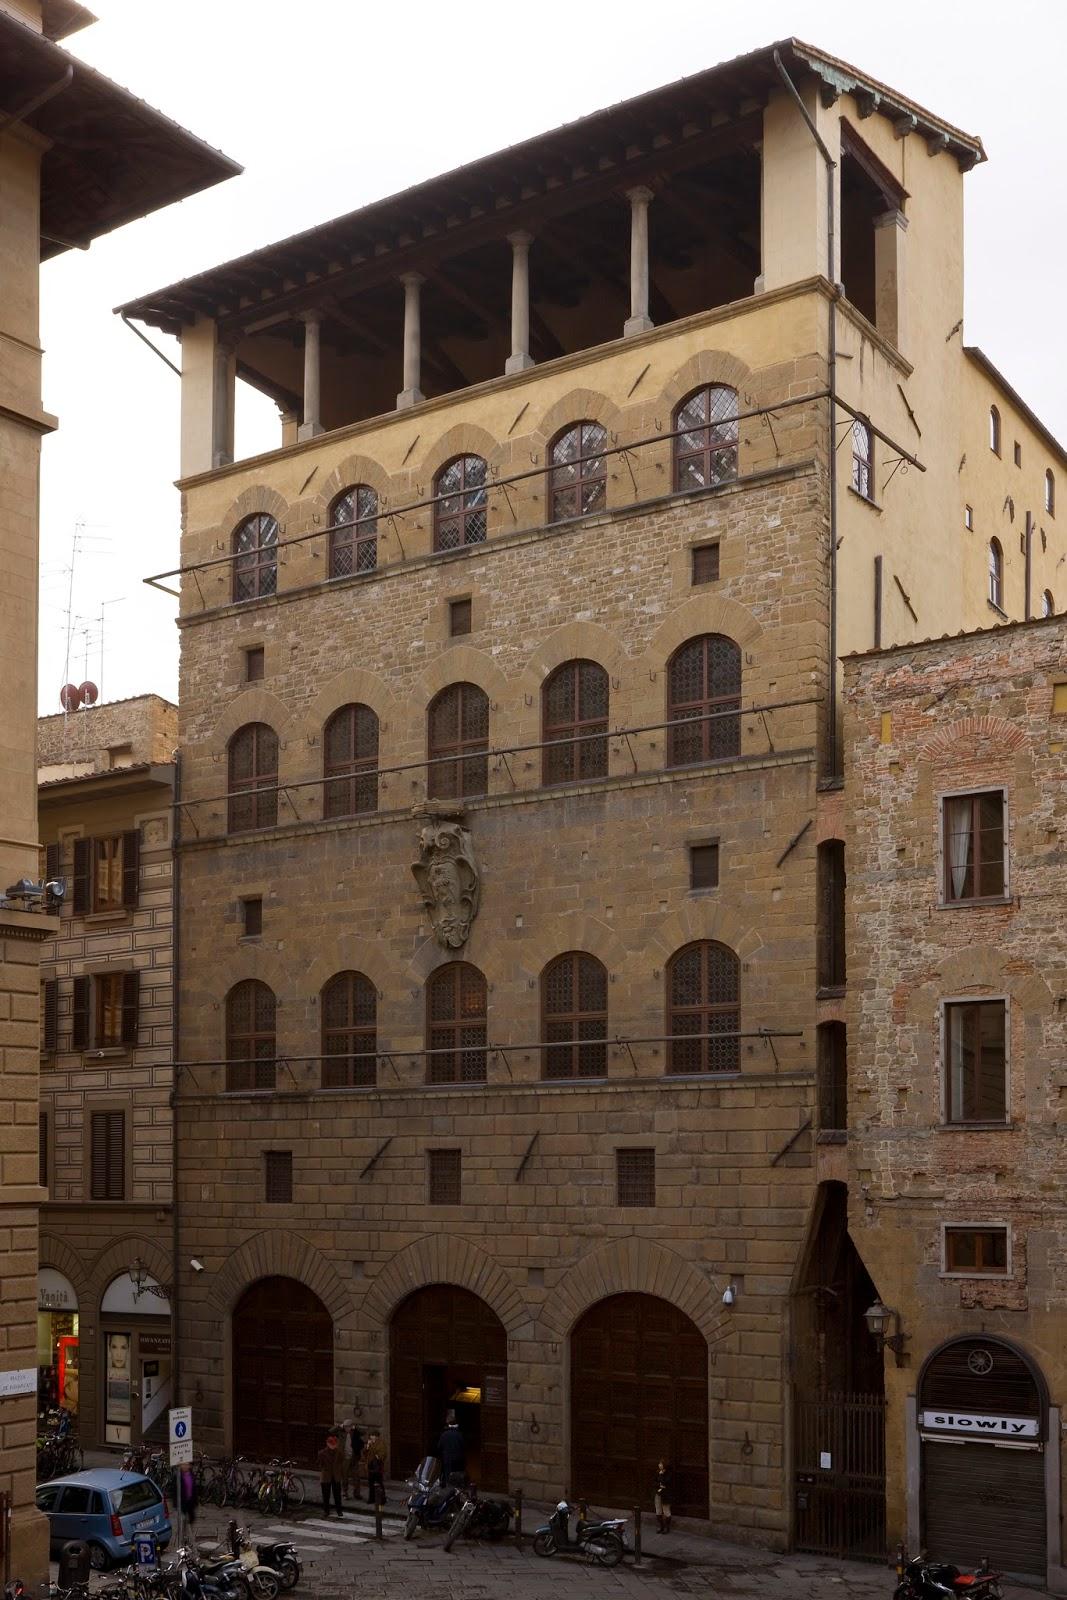 Casaguidi blog santa caterina da siena a palazzo for Casa della piastrella firenze